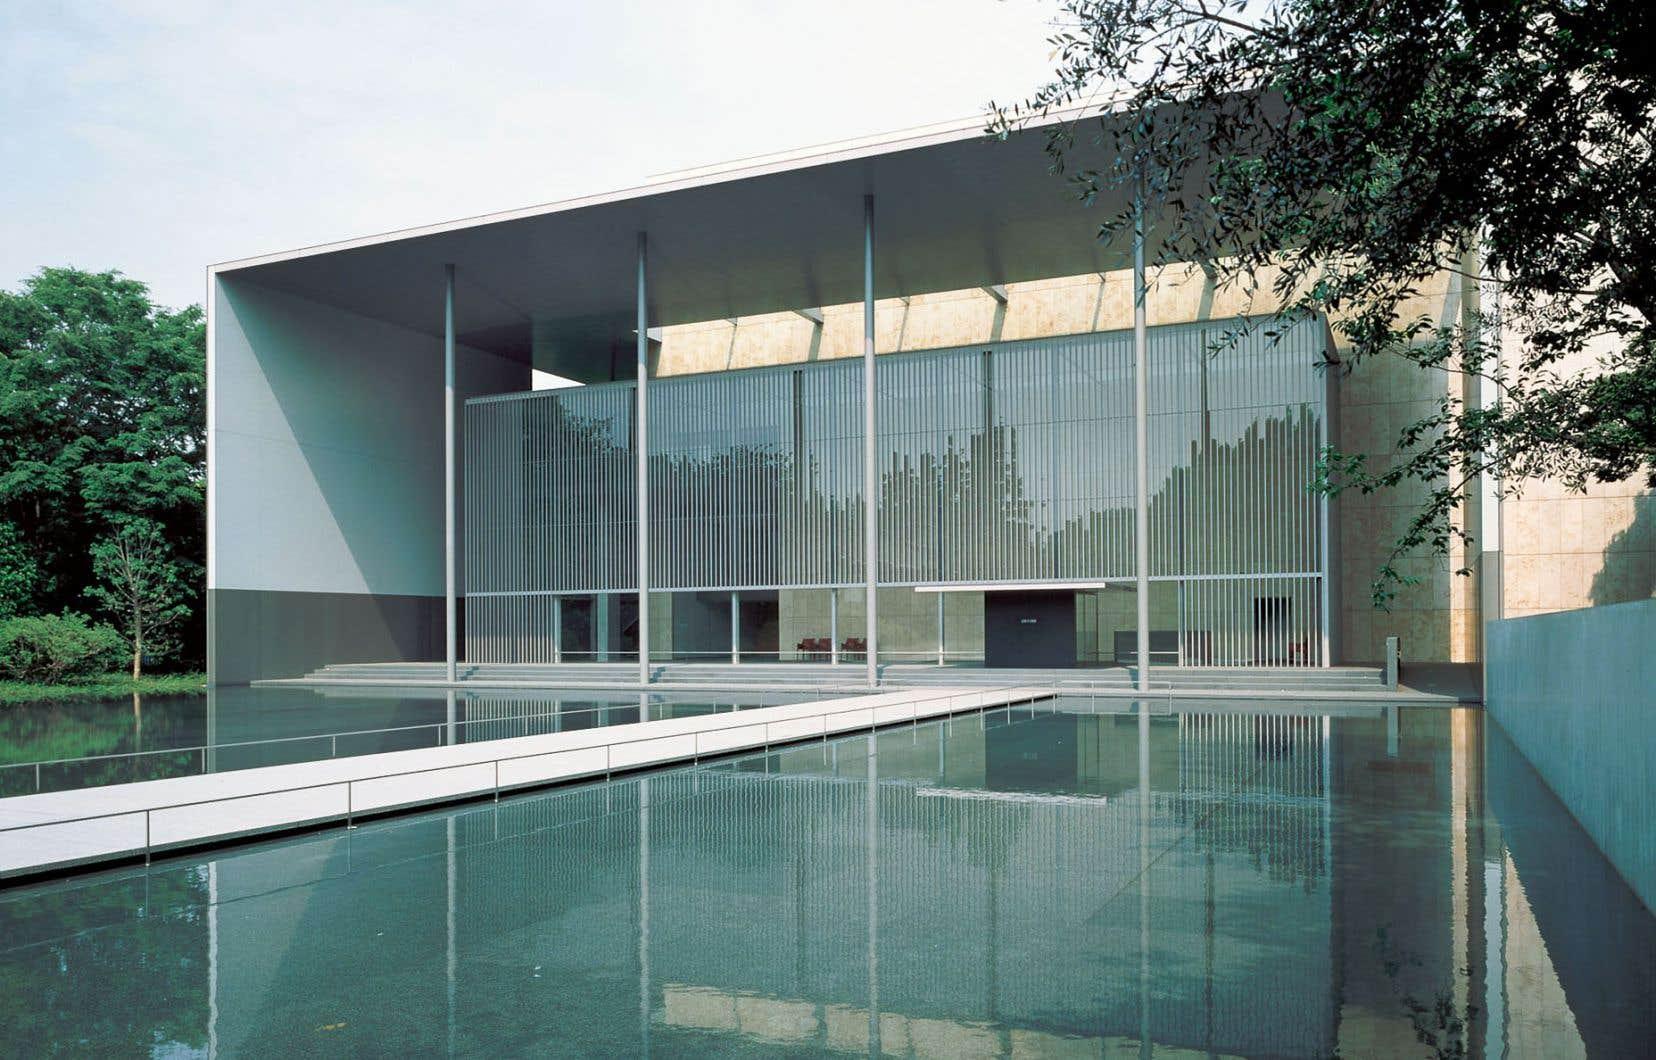 Le Musée national de Tokyo, galerie des trésors, Horyu-Ji, Taniguchi et associés, 1999